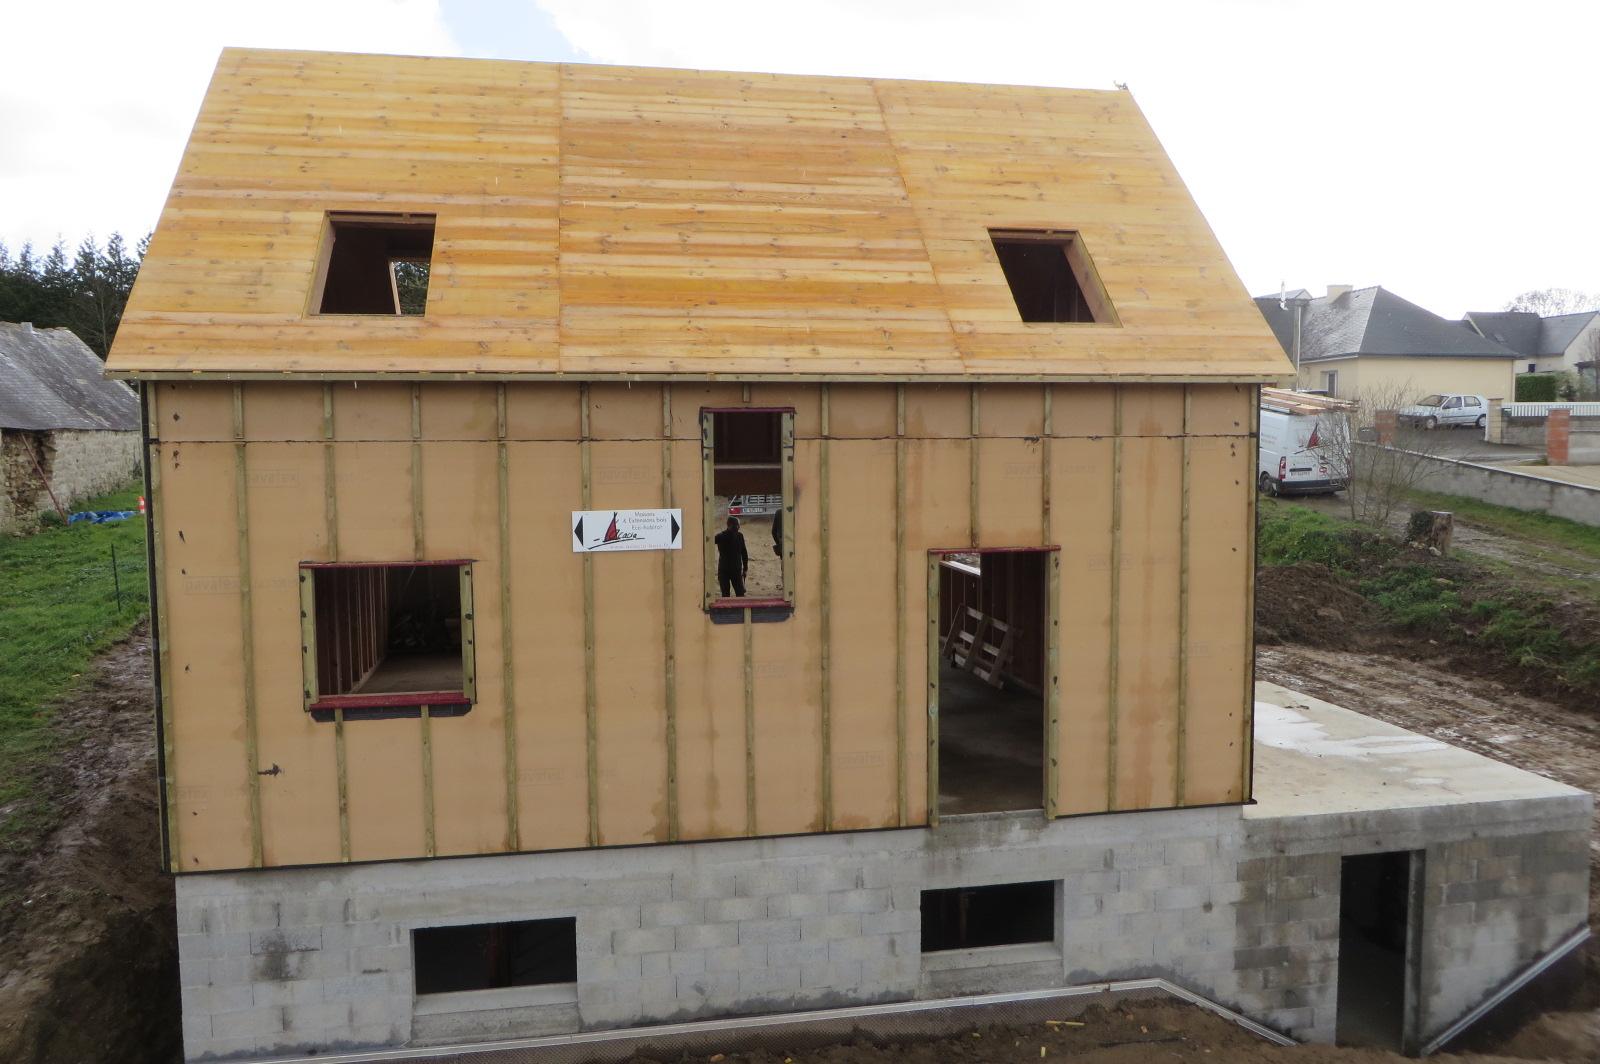 Maison bois Finistère isolation extérieure en fibre de bois 35mm